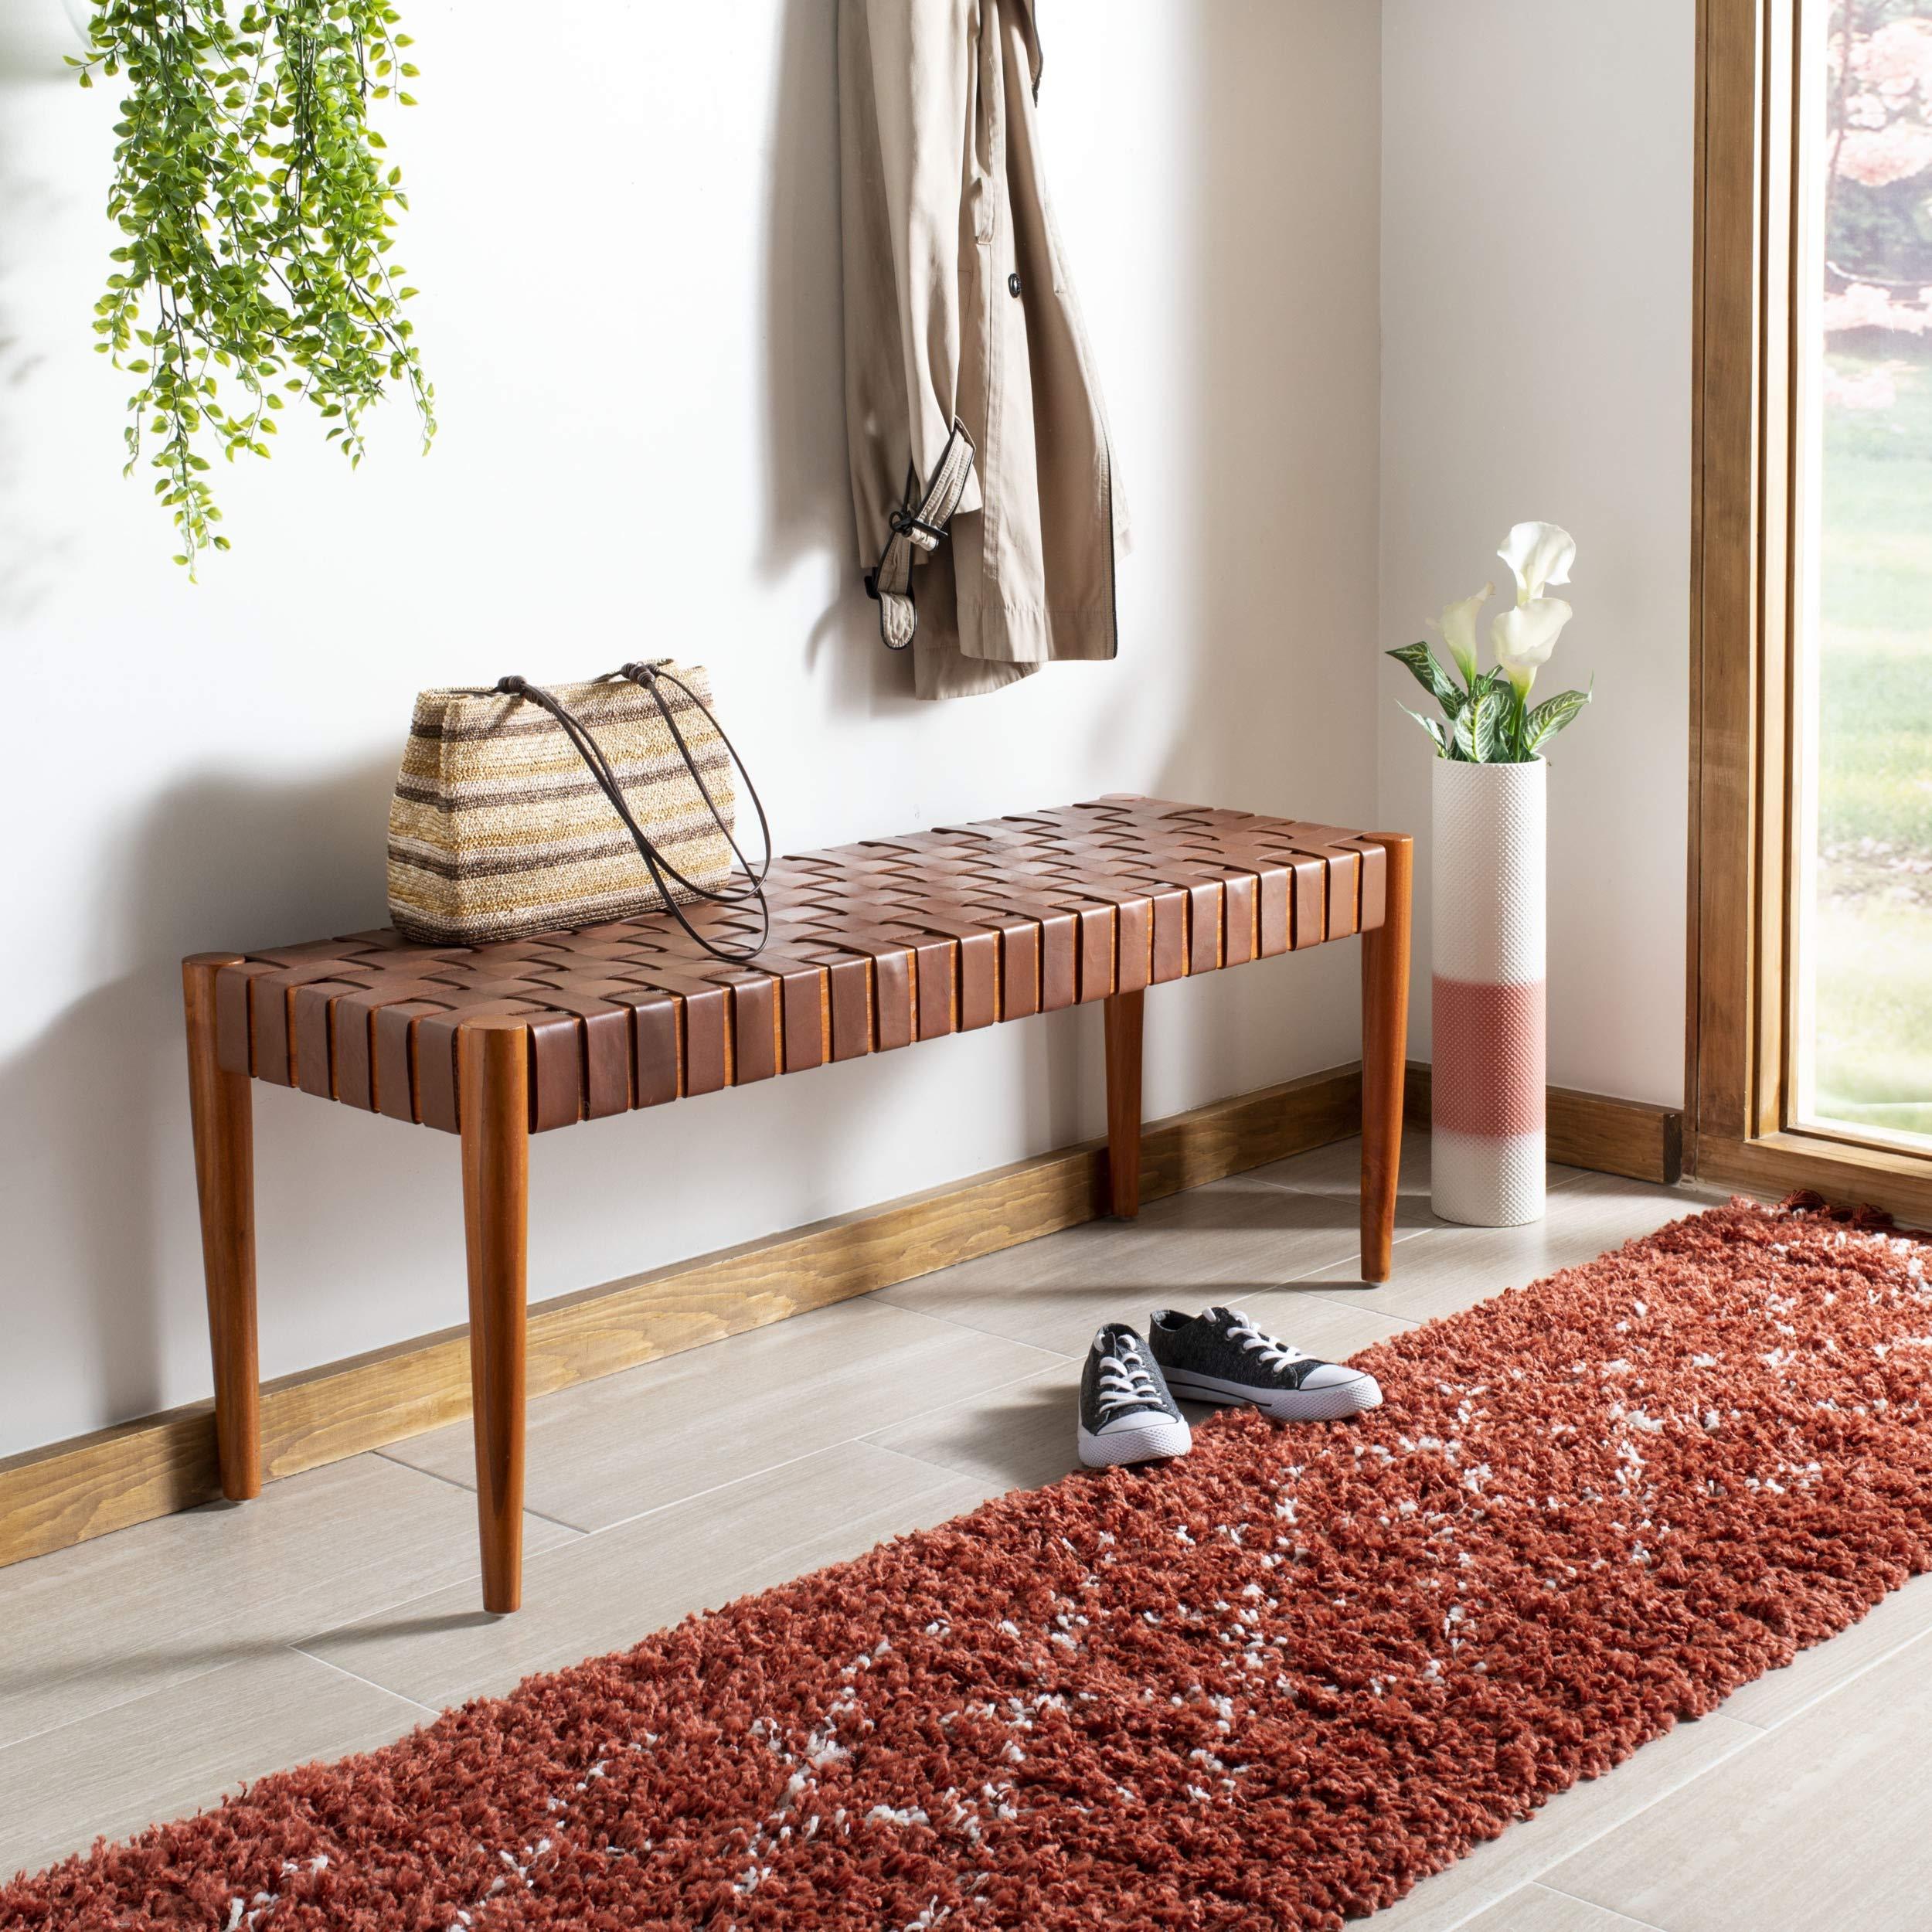 Safavieh BCH1001A Home Collection Amalia Bench, Cognac/Dark Brown